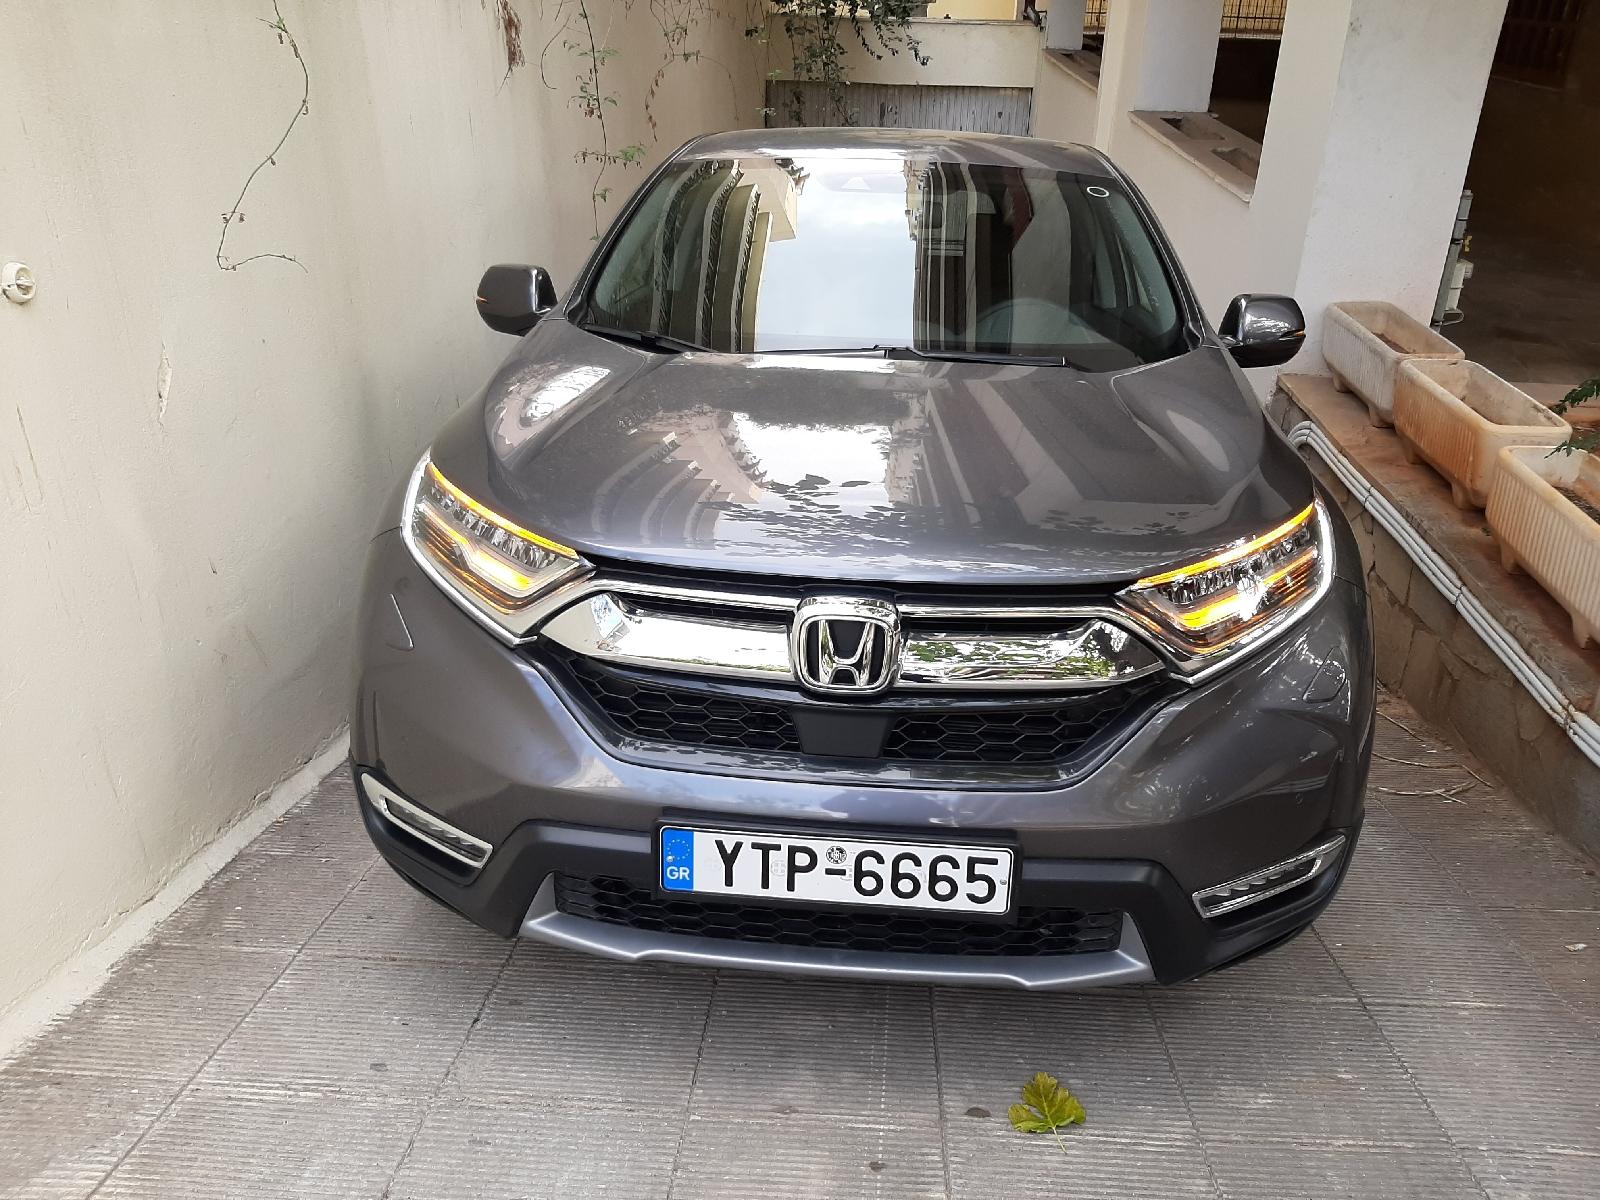 1613489971580418 7 Οδηγούμε το Honda CR-V Hybrid Honda, Honda CR-V, TEST, ΔΟΚΙΜΕΣ, οδηγούμε